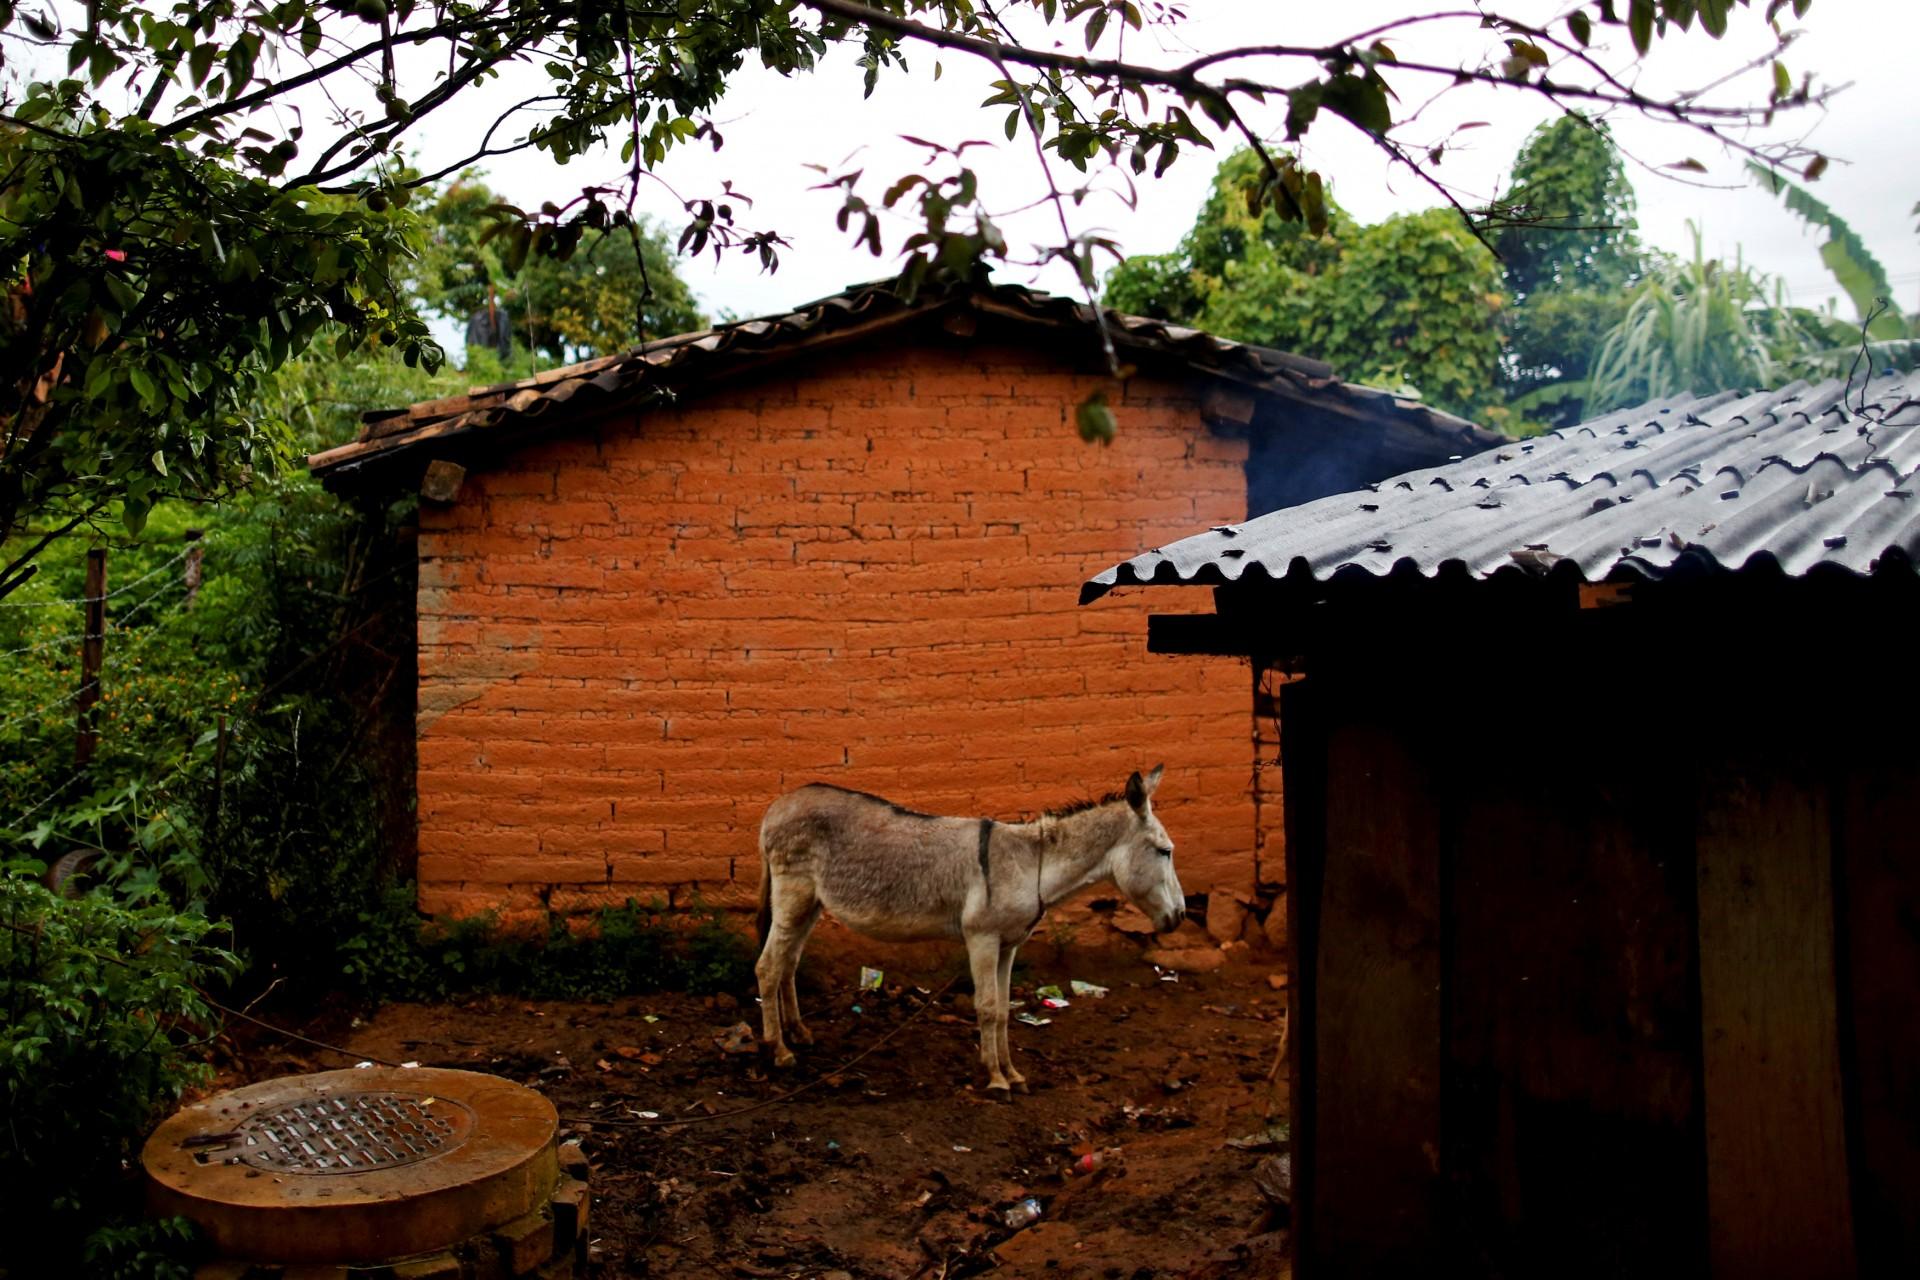 Un burro se para frente a la casa de un residente local en Juquila Yucucani, en la Sierra Madre del Sur, en el estado sureño de Guerrero, México, 17 de agosto de 2018.